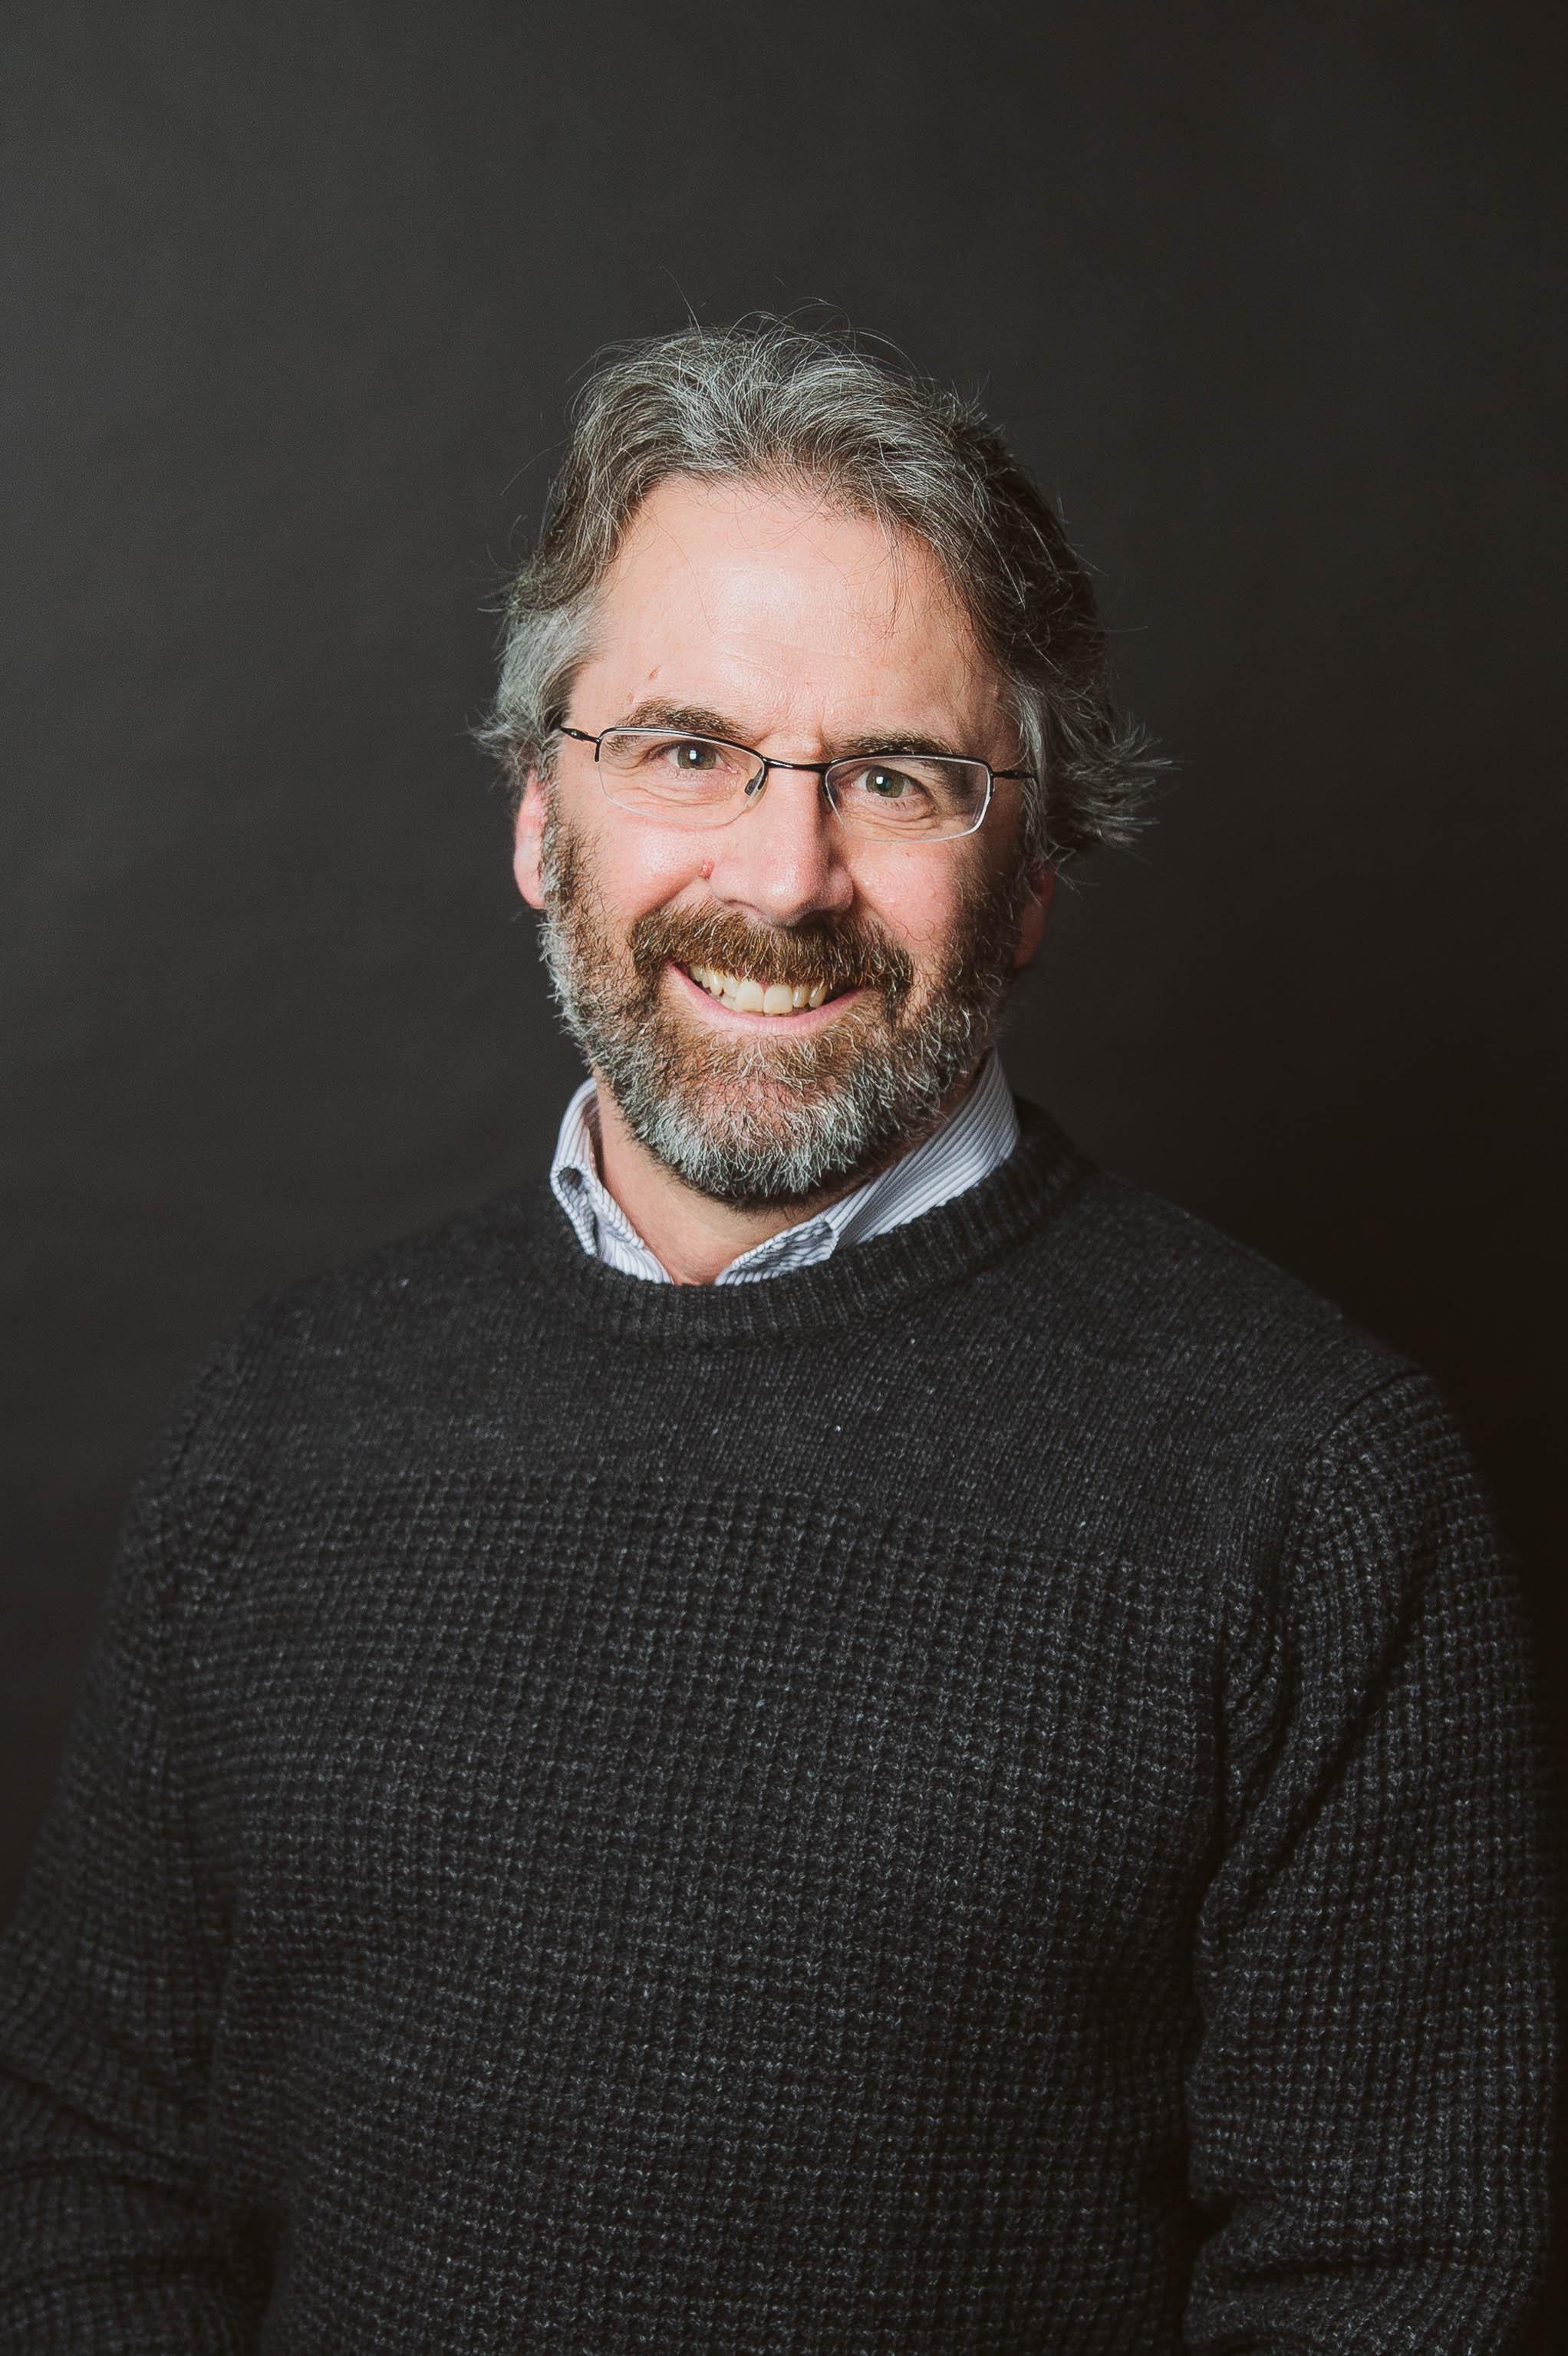 Michael G. Hagen